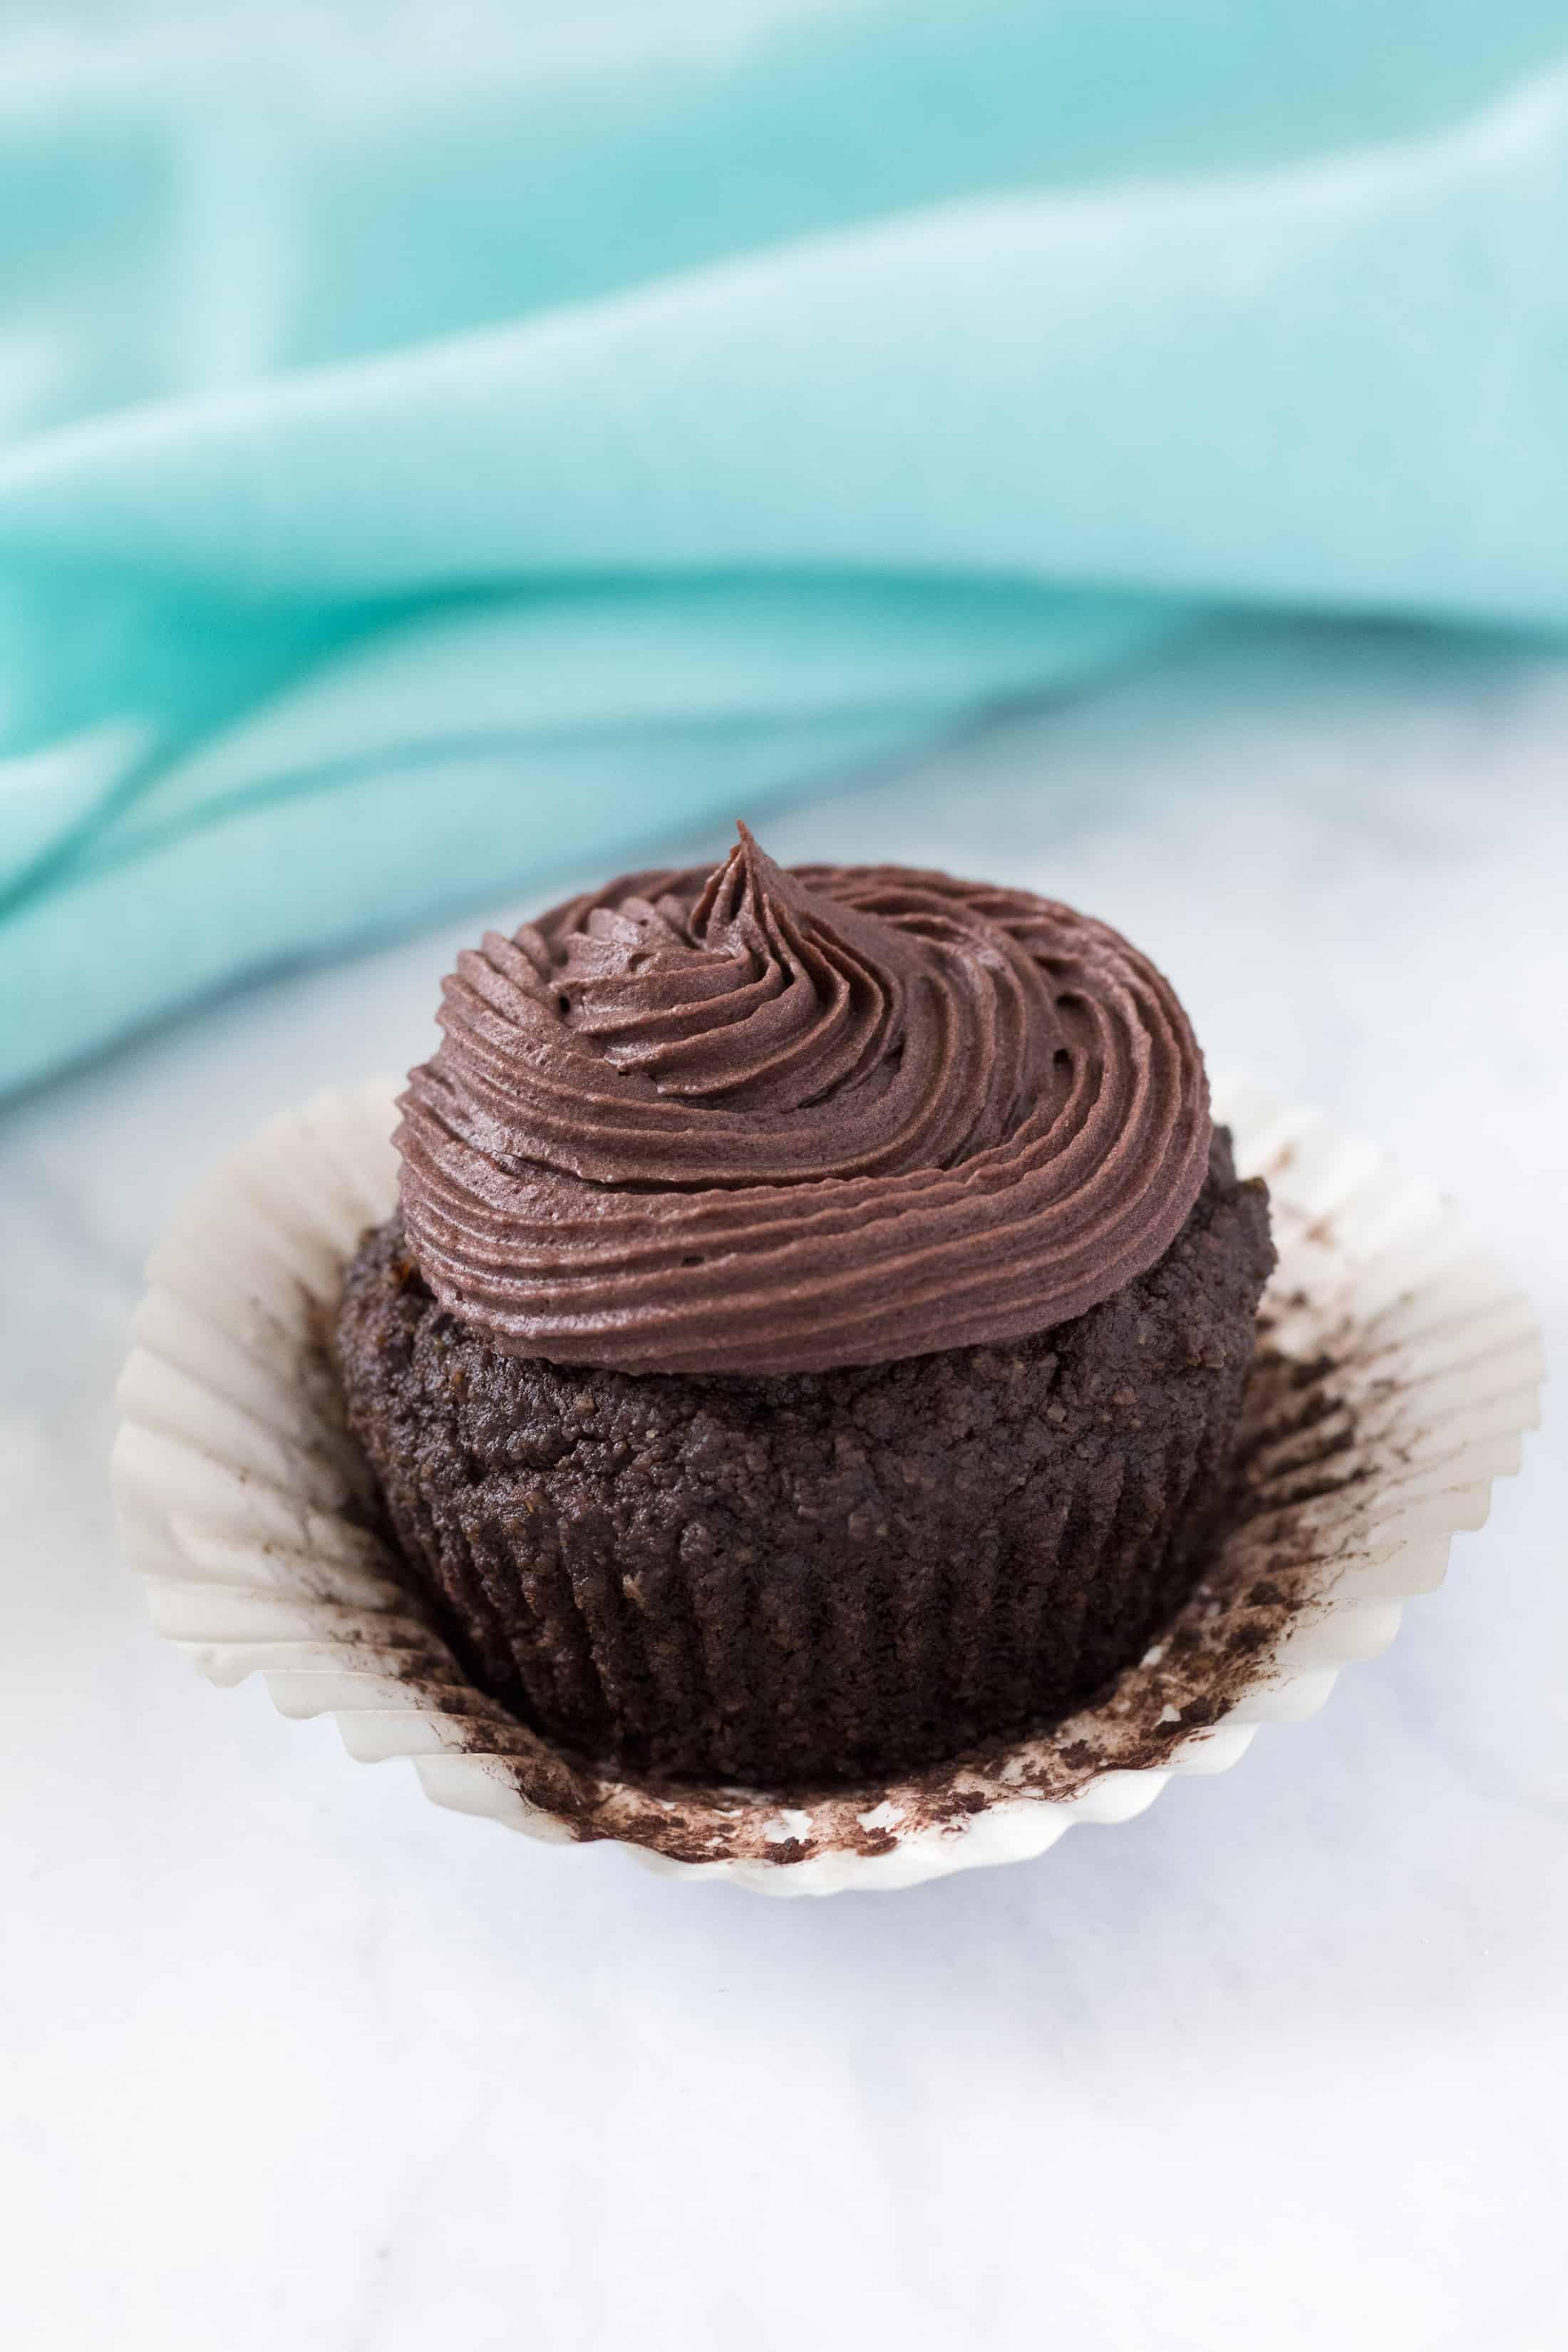 dairy free keto chocolate cupcakes